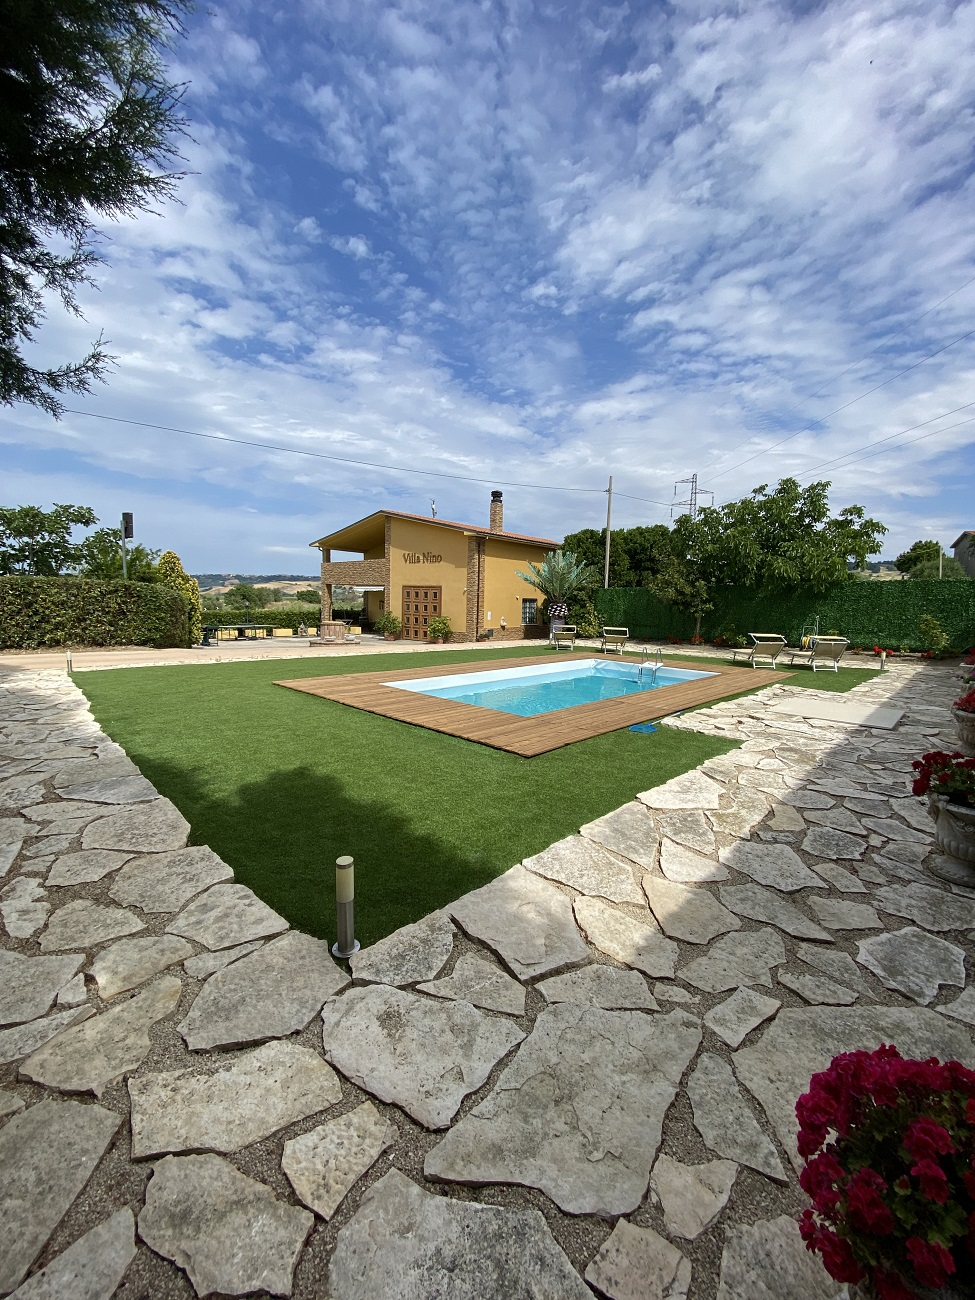 Rif 1273 Petacciato (CB) – Villa con piscina vista mare – €340000